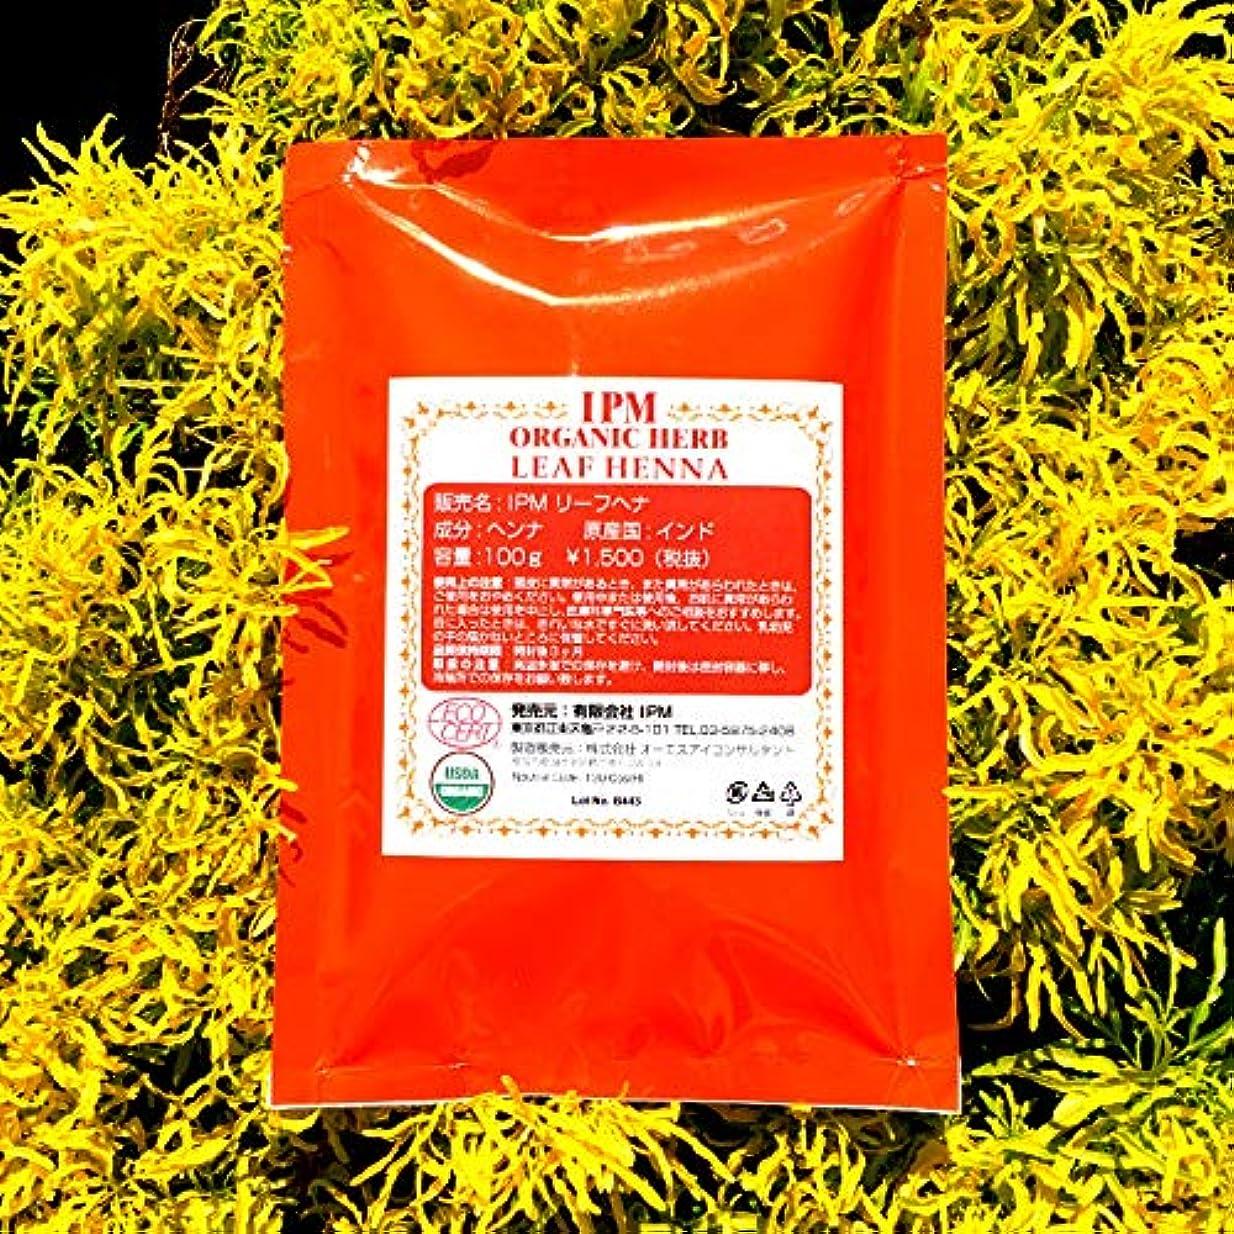 飾る内陸液化するIPMヘナ  100g オーガニックヘナ (リーフレットつき、ポストイン)